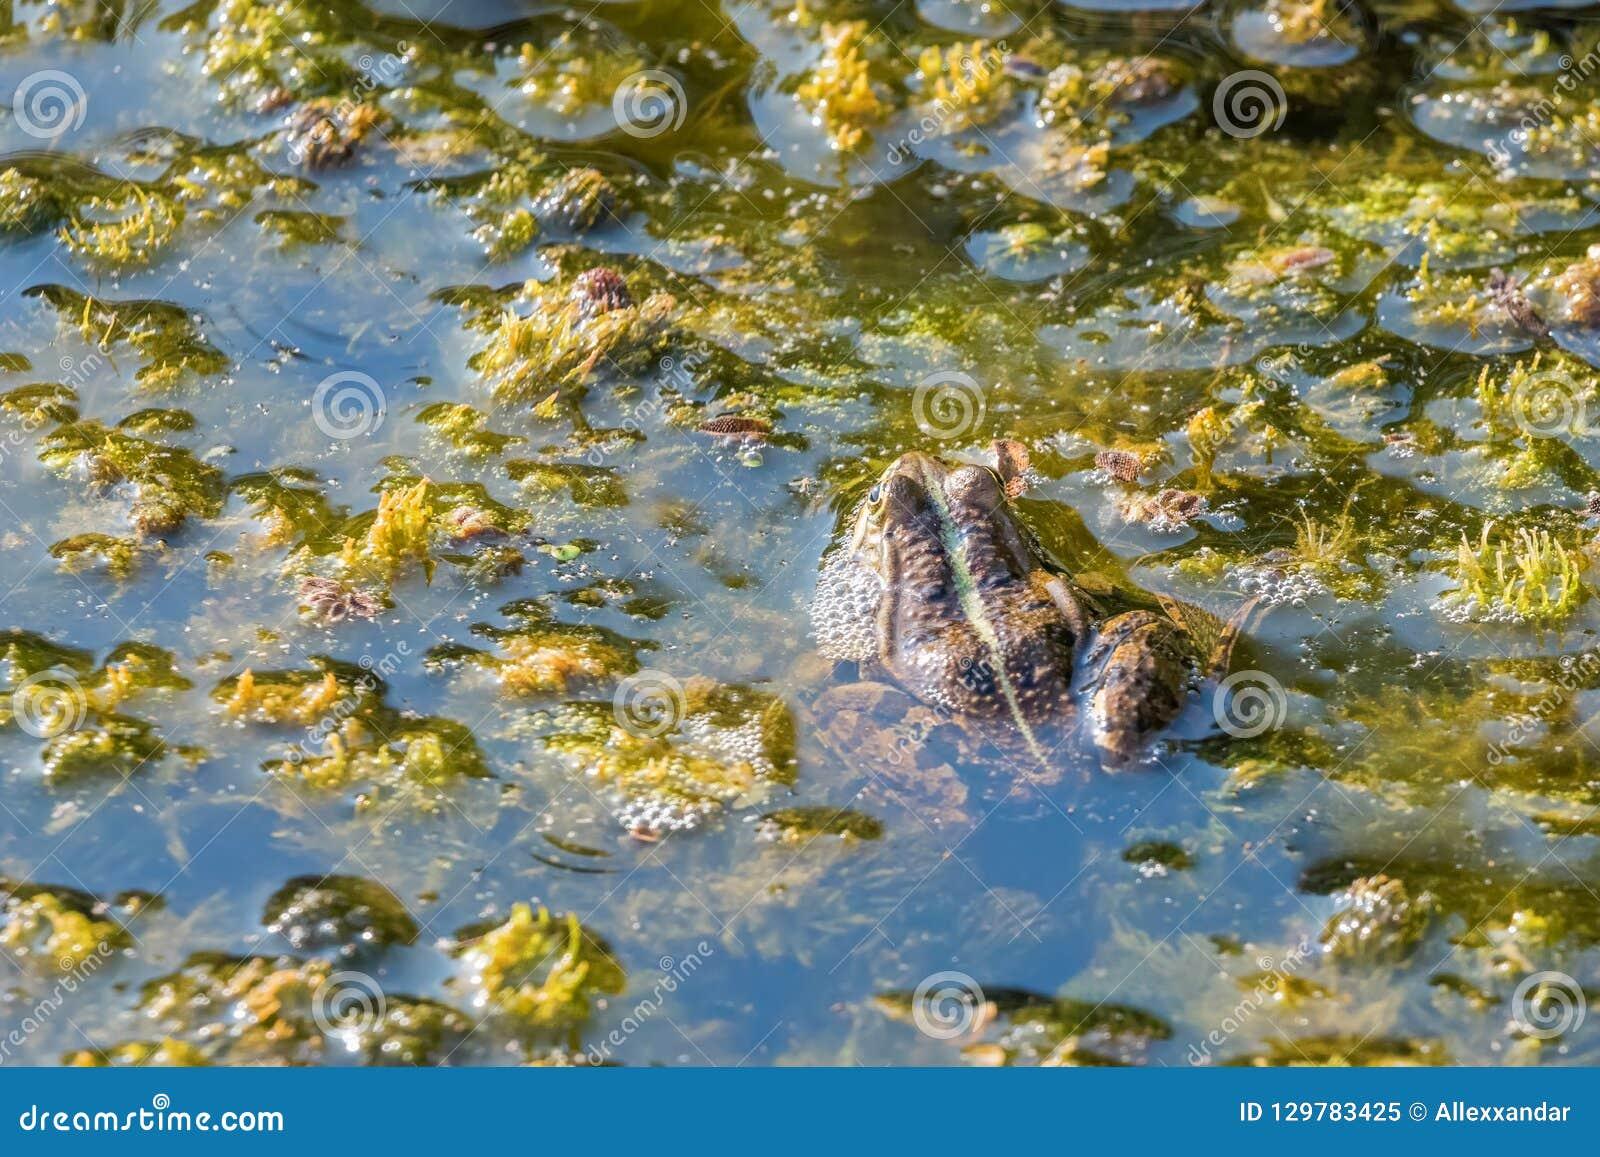 Żaba w wodnym zakończeniu w górę widoku